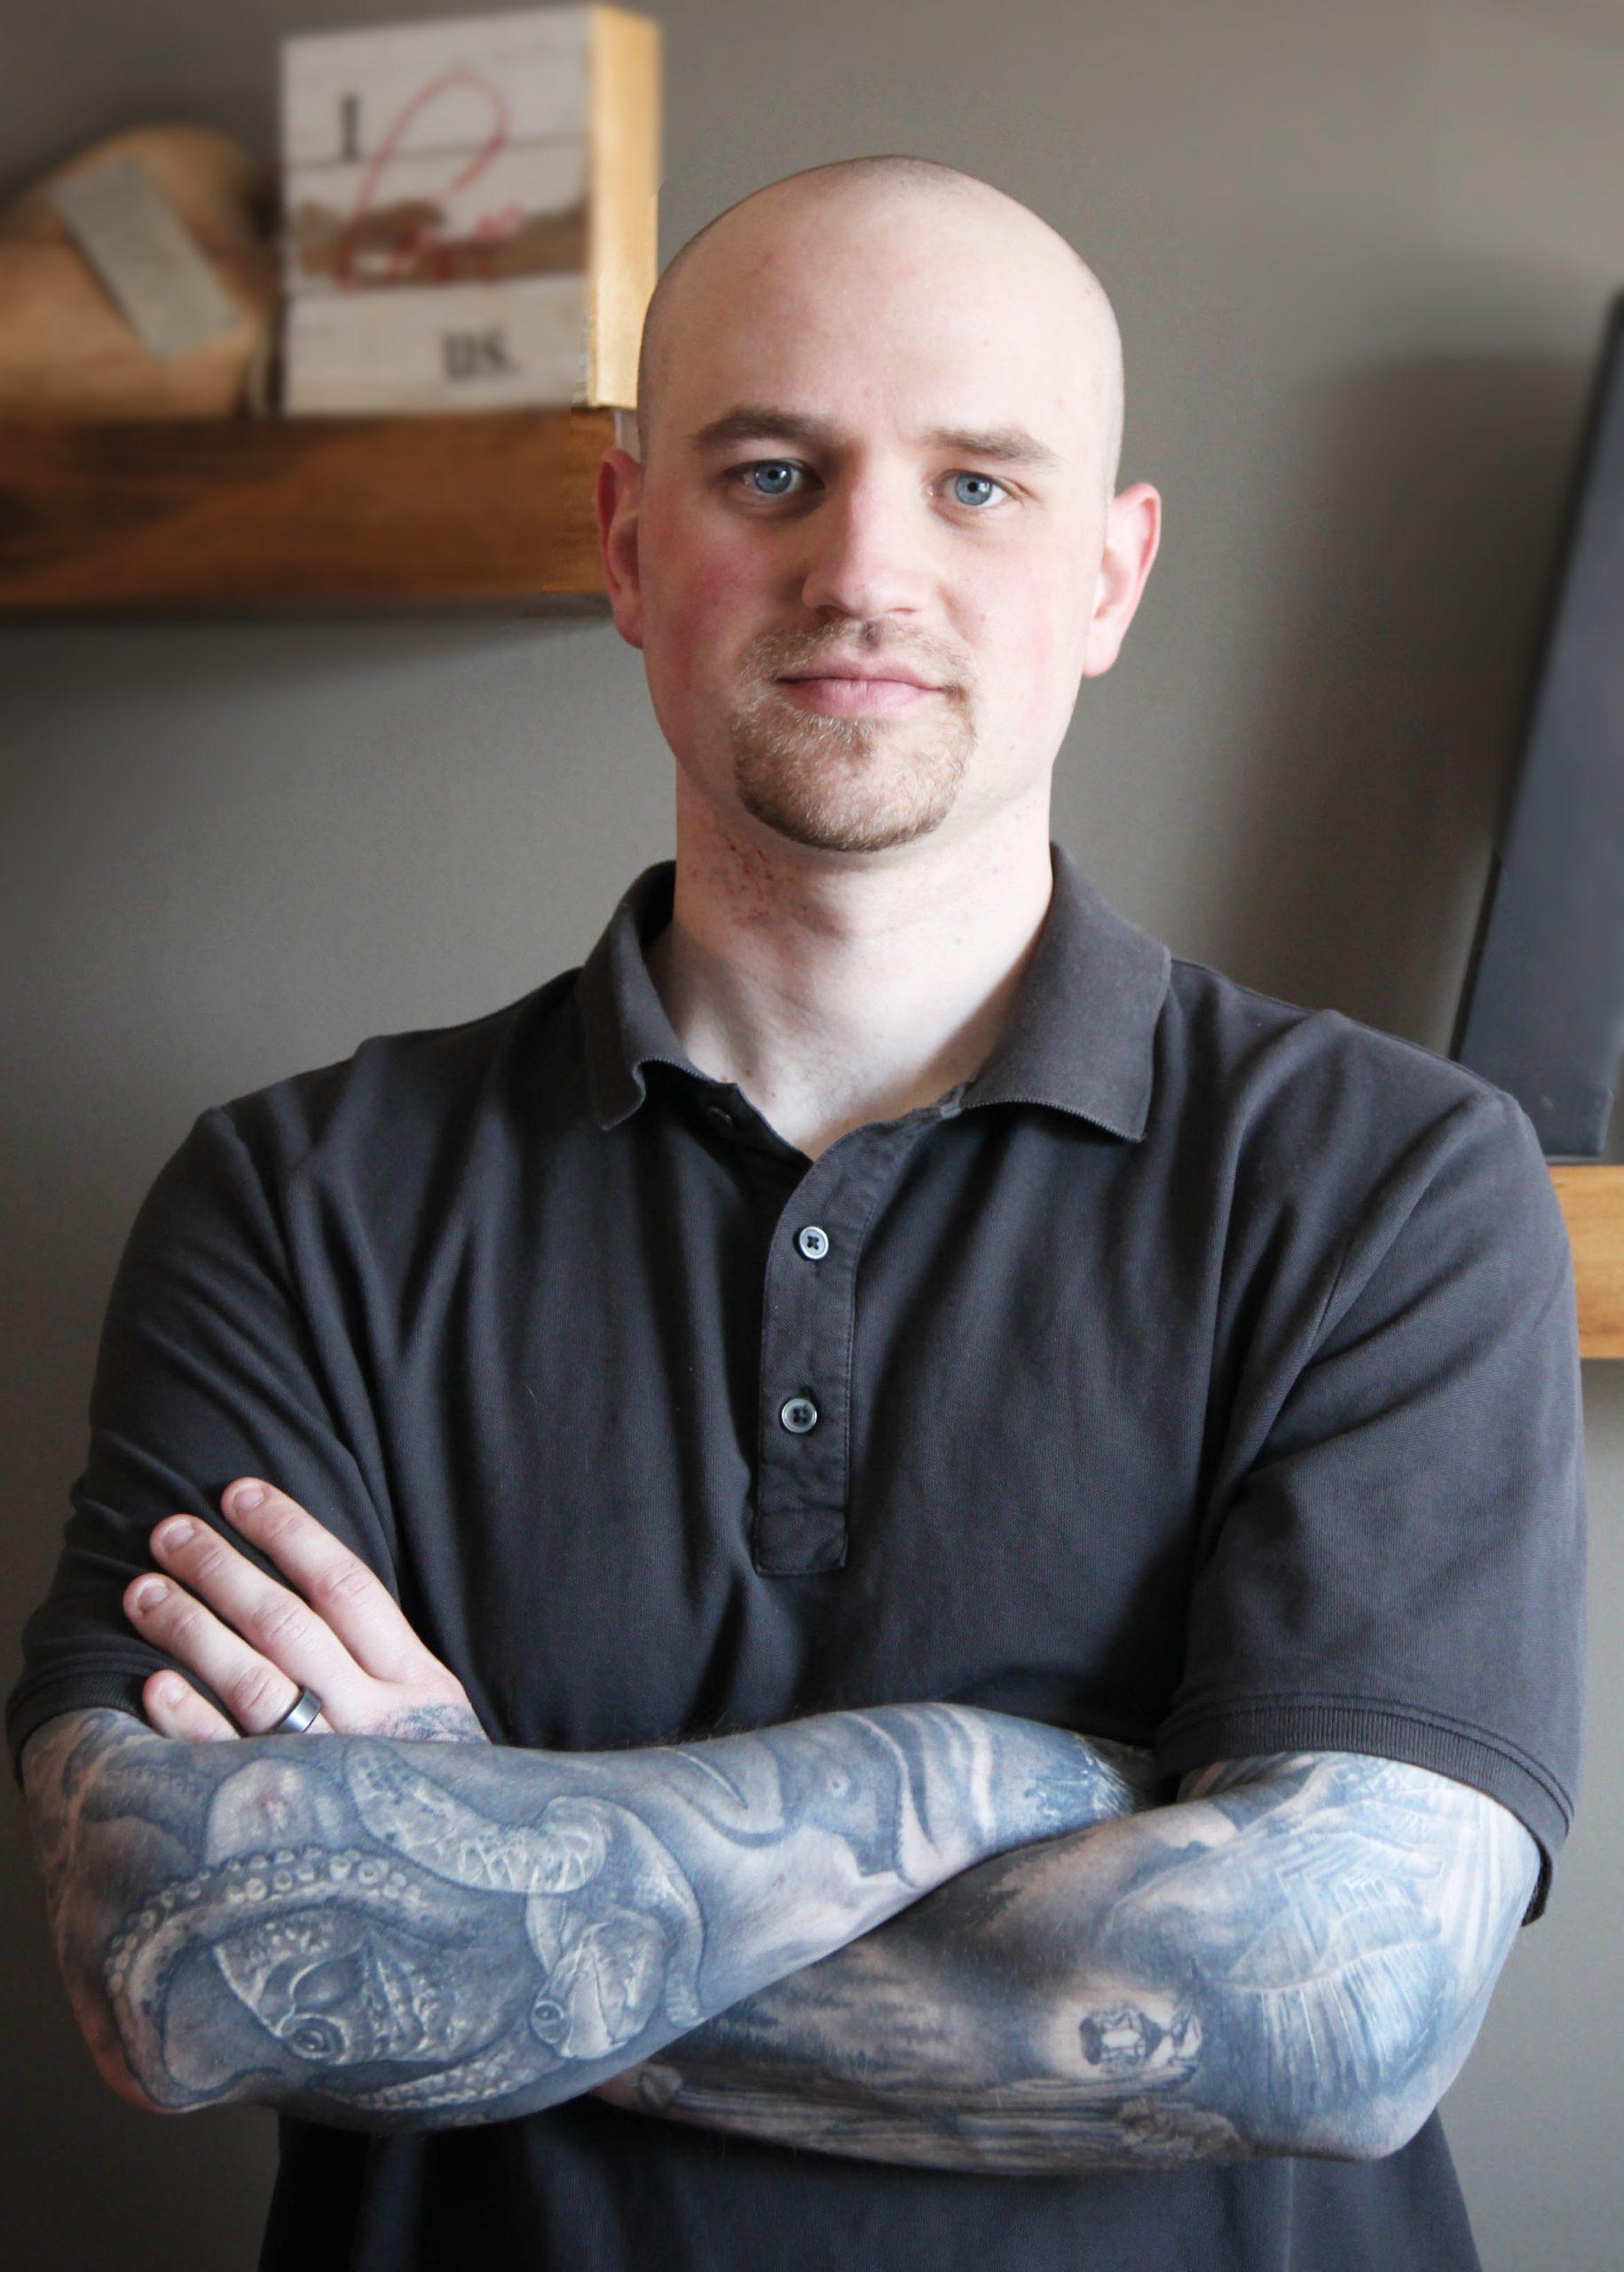 Joel Barlar